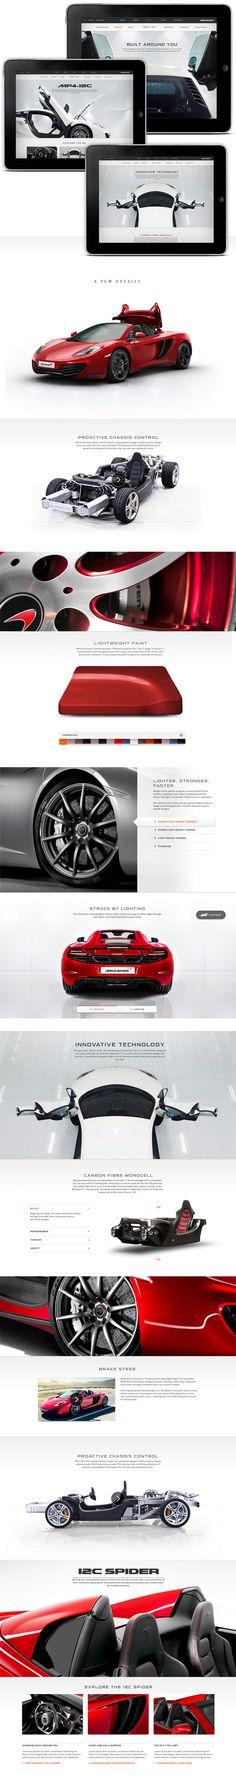 McLaren Automotive Website by Thomas Moeller, via Behance